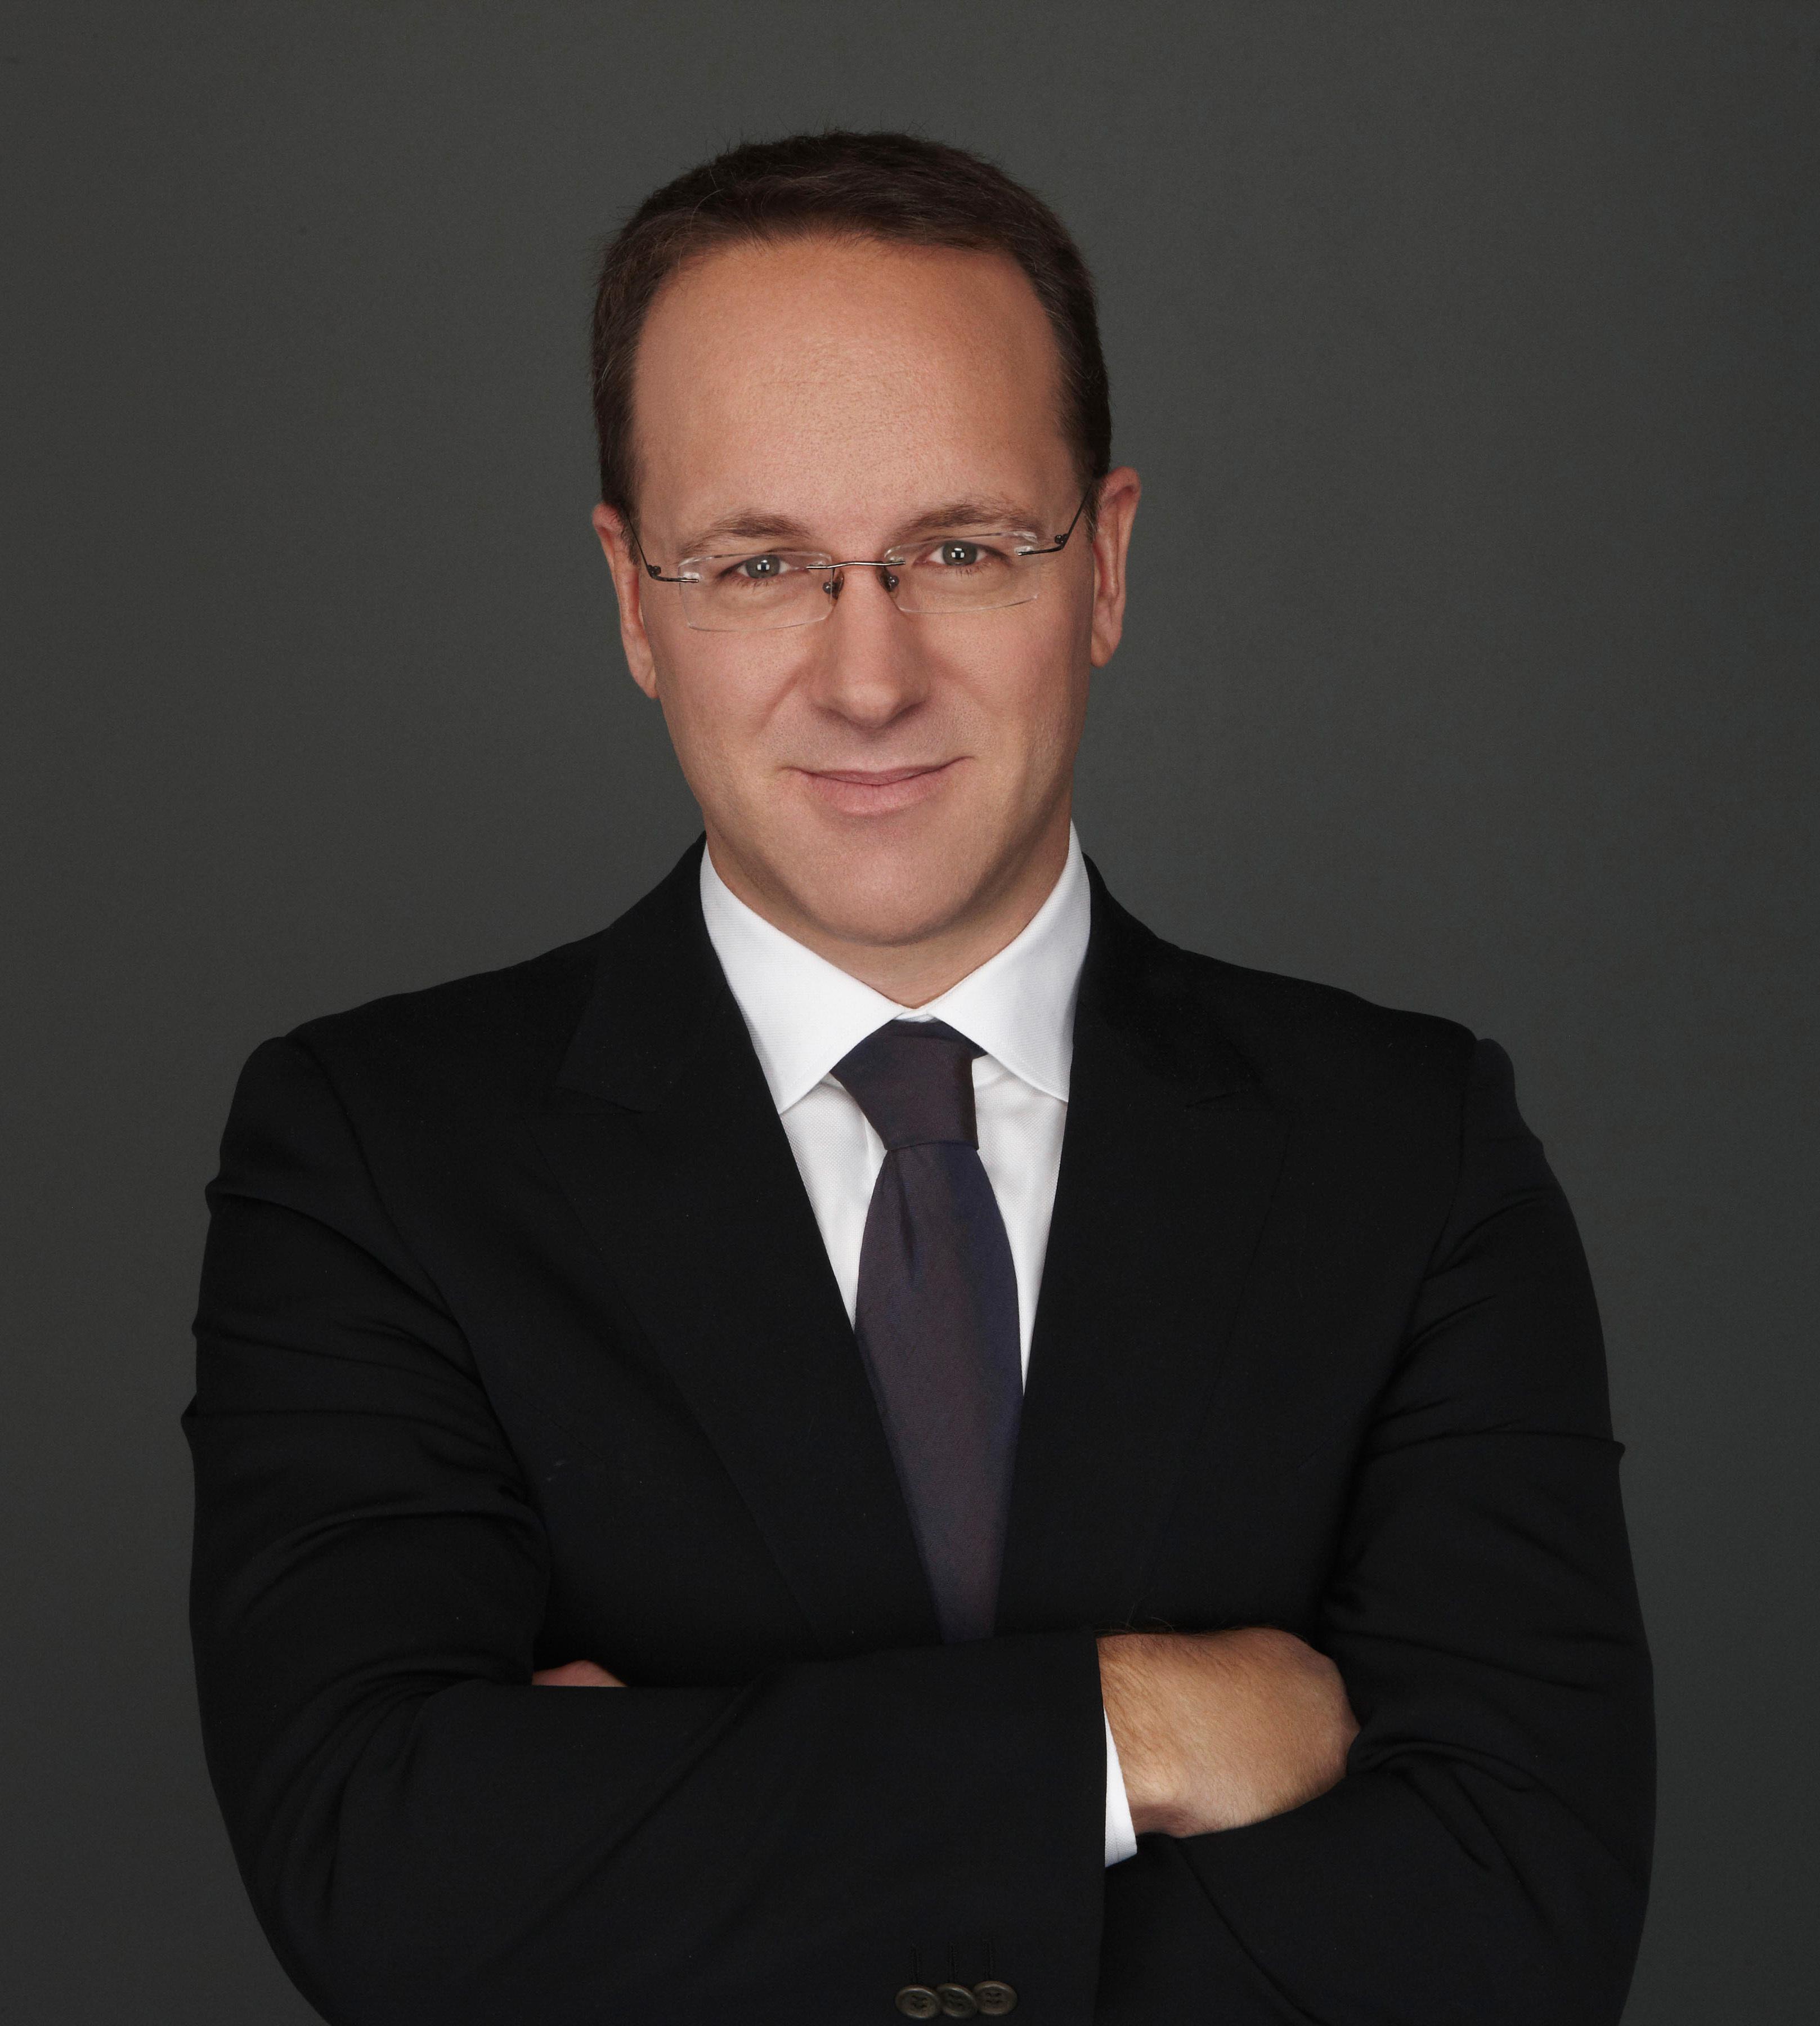 Stephane de la Faverie (Photo: Business Wire)